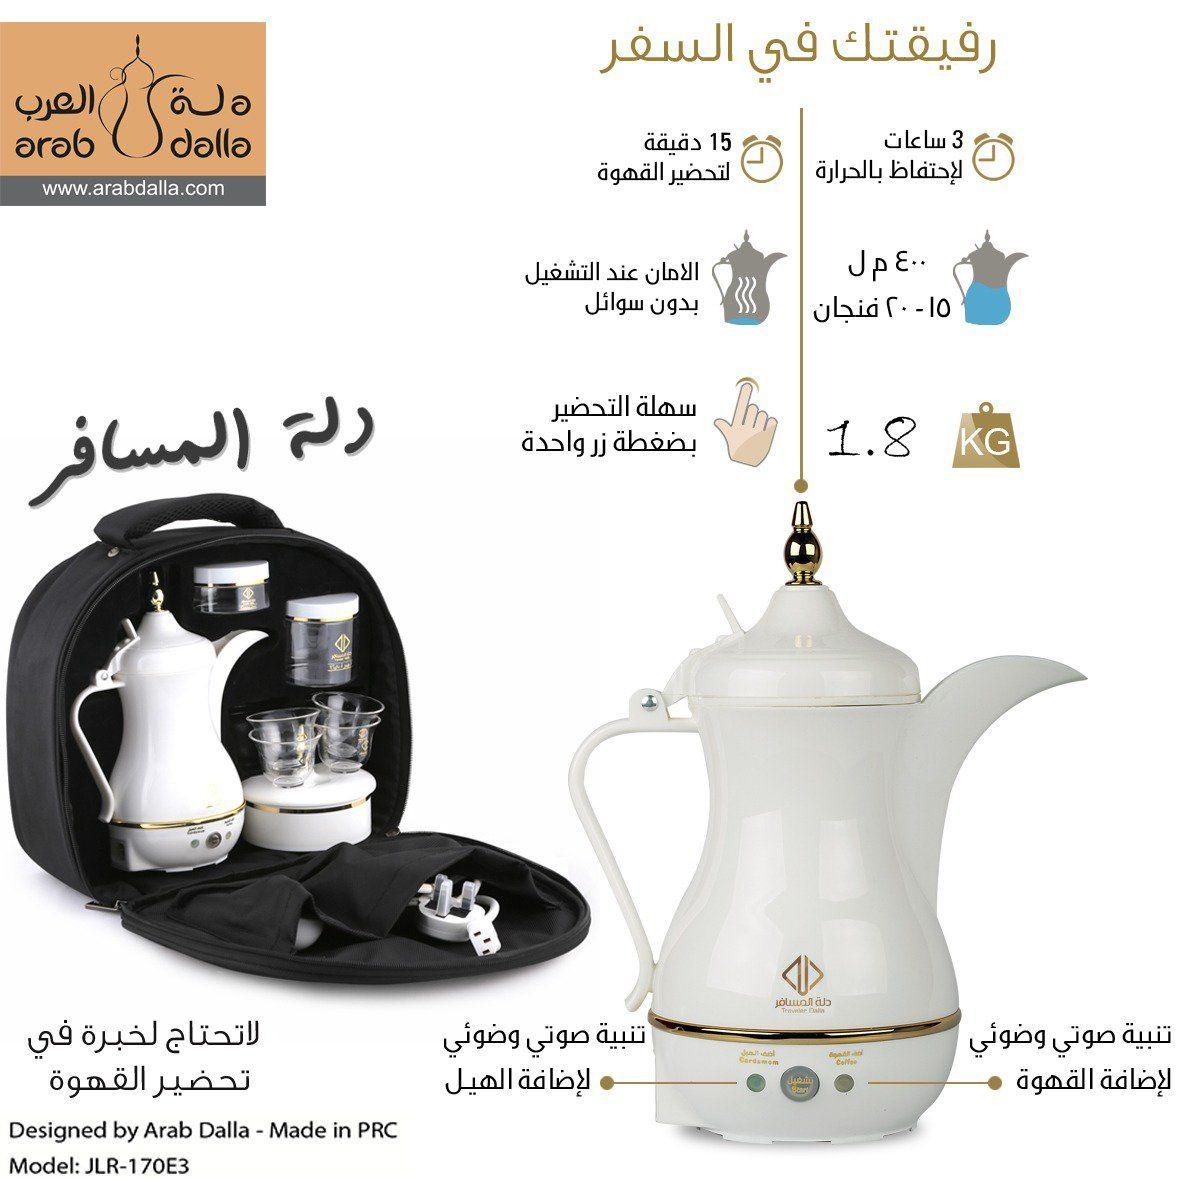 دلة العرب Arabdalla1 Twitter Arabic Coffee Electric Kettle Coffee Maker